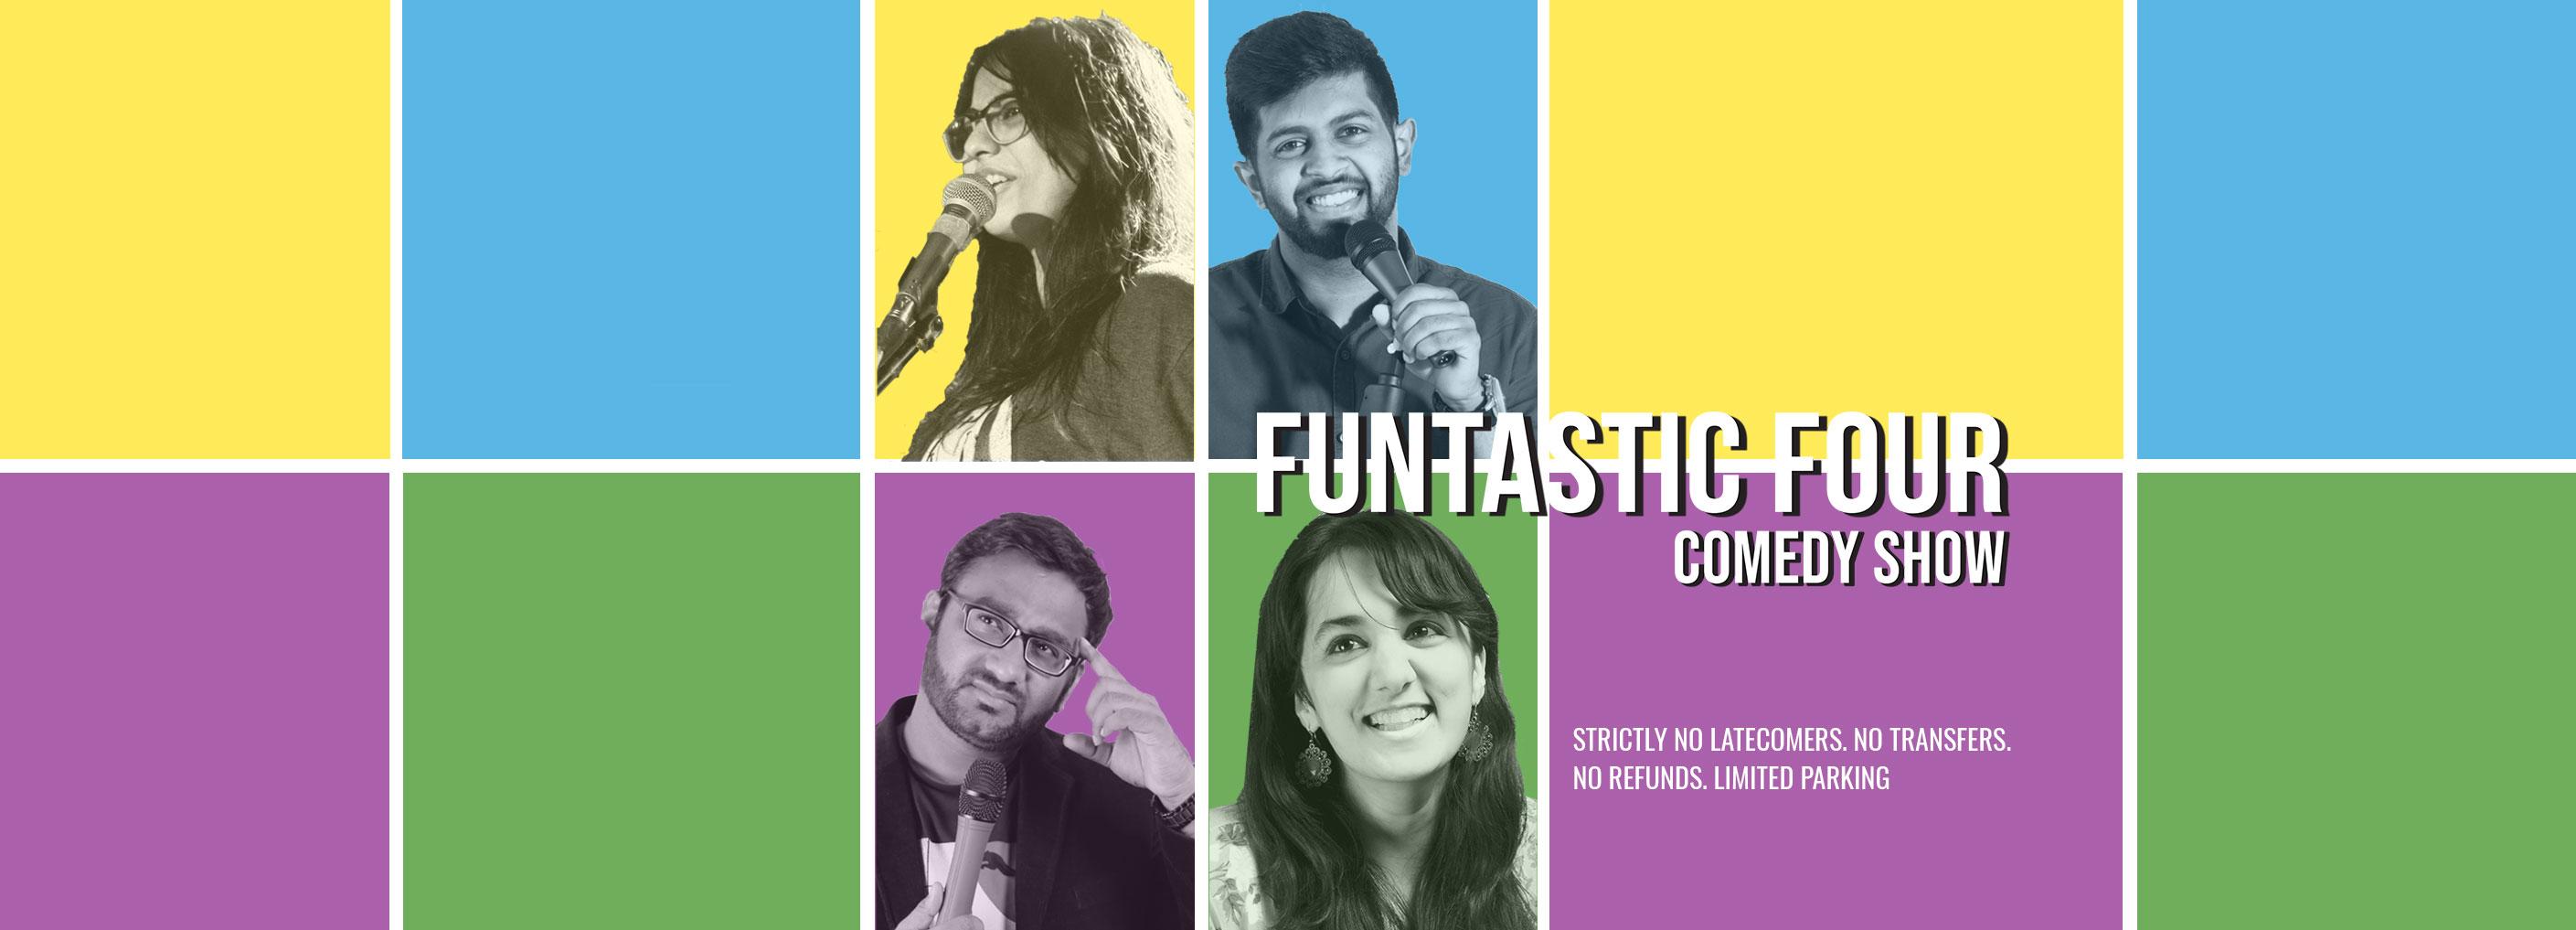 Funtastic Four: Comedy Show